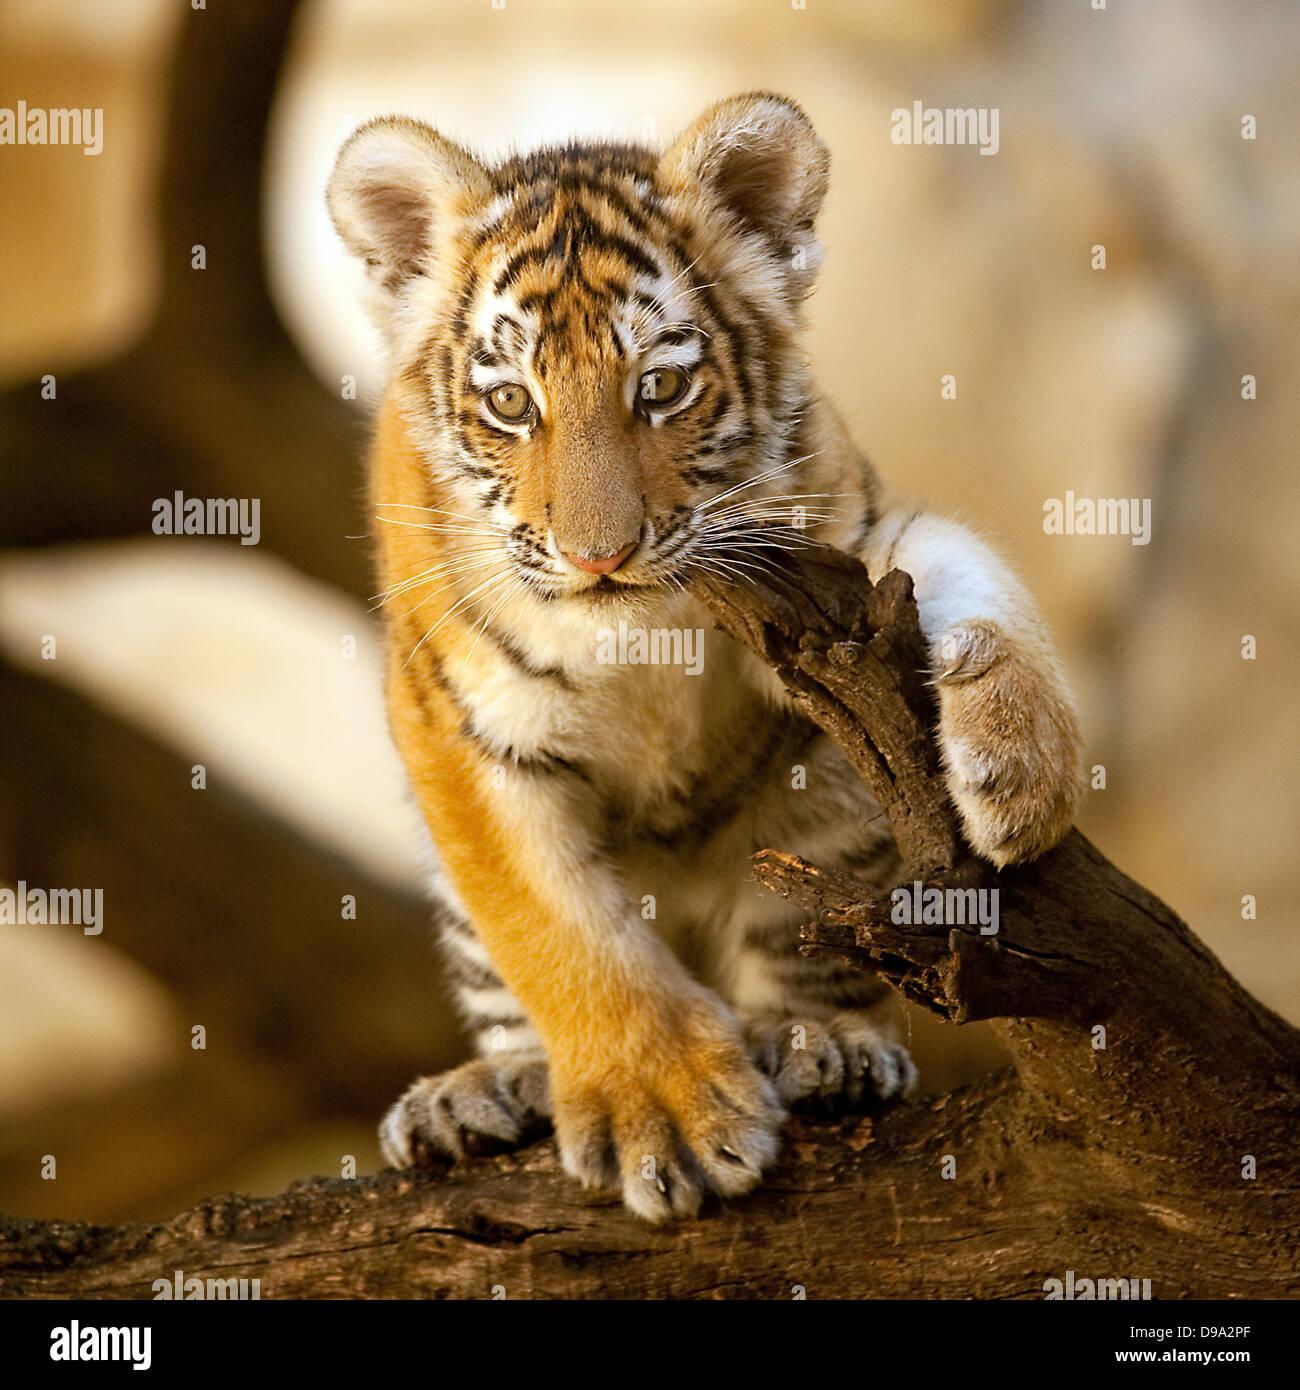 Tiger Cub Imagen De Stock